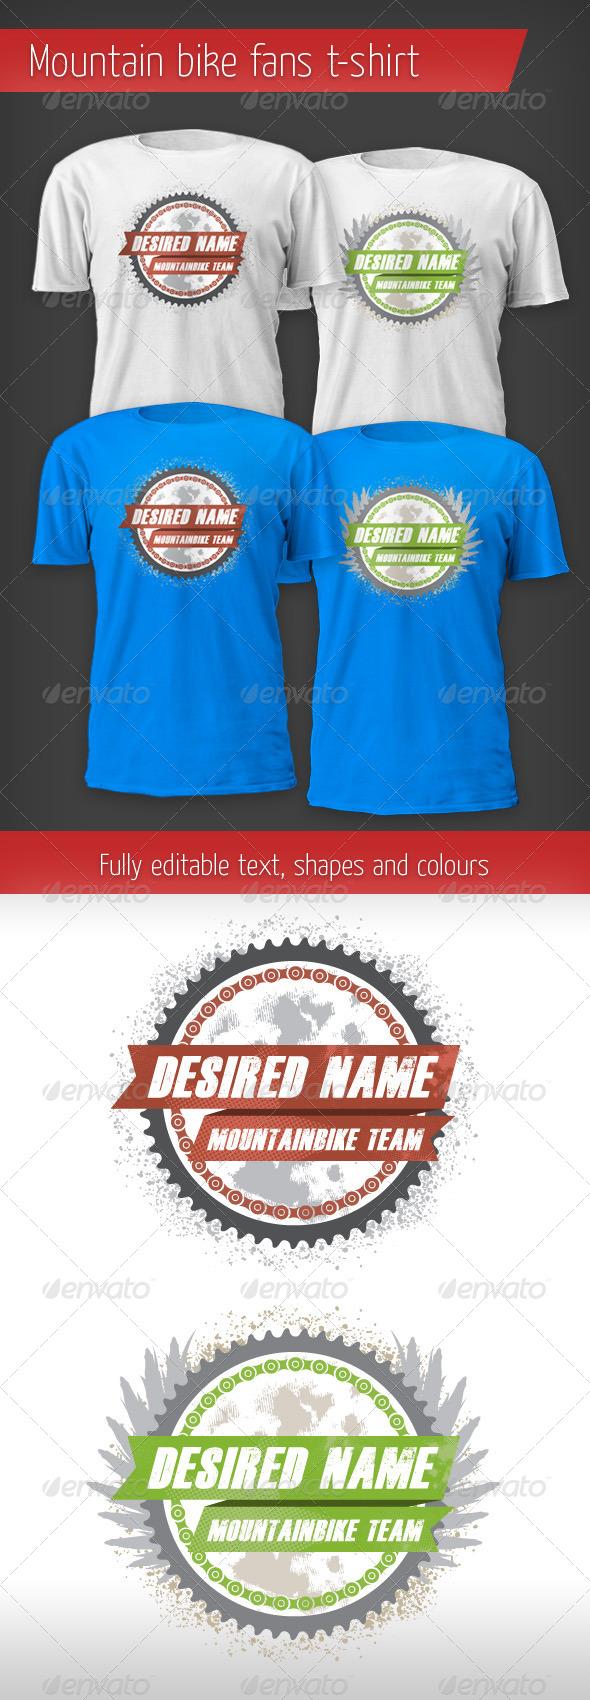 GraphicRiver Mountain Bike Fan T-shirt 4321769